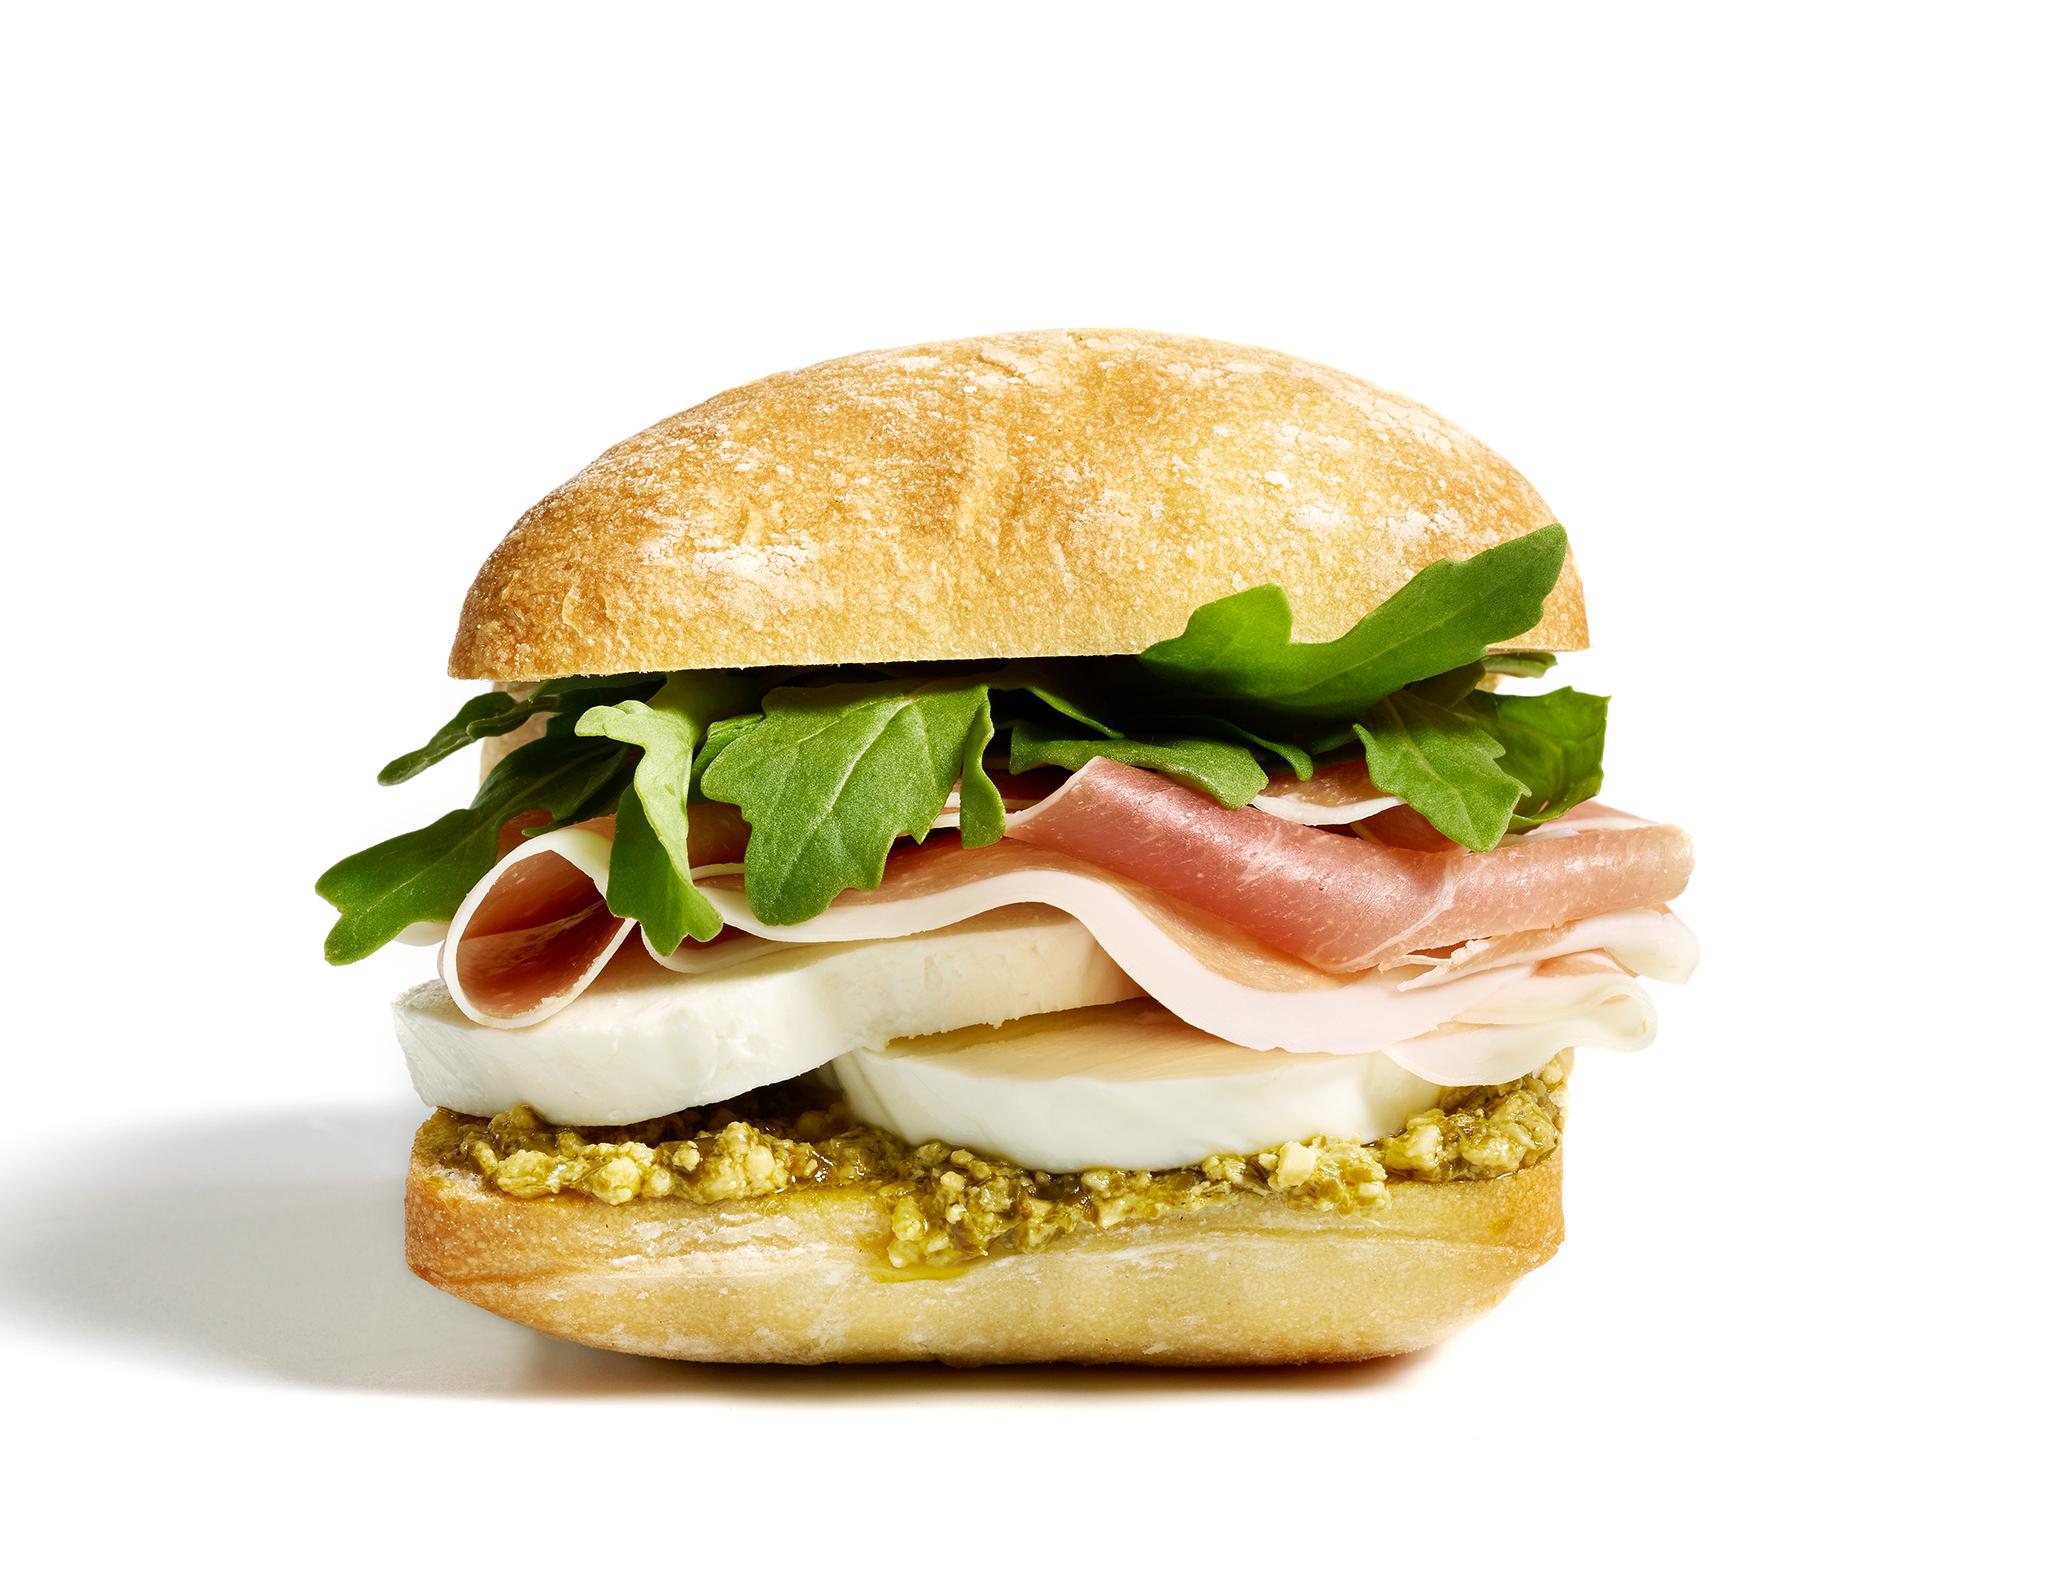 08-sandwiches-03-mr.jpg